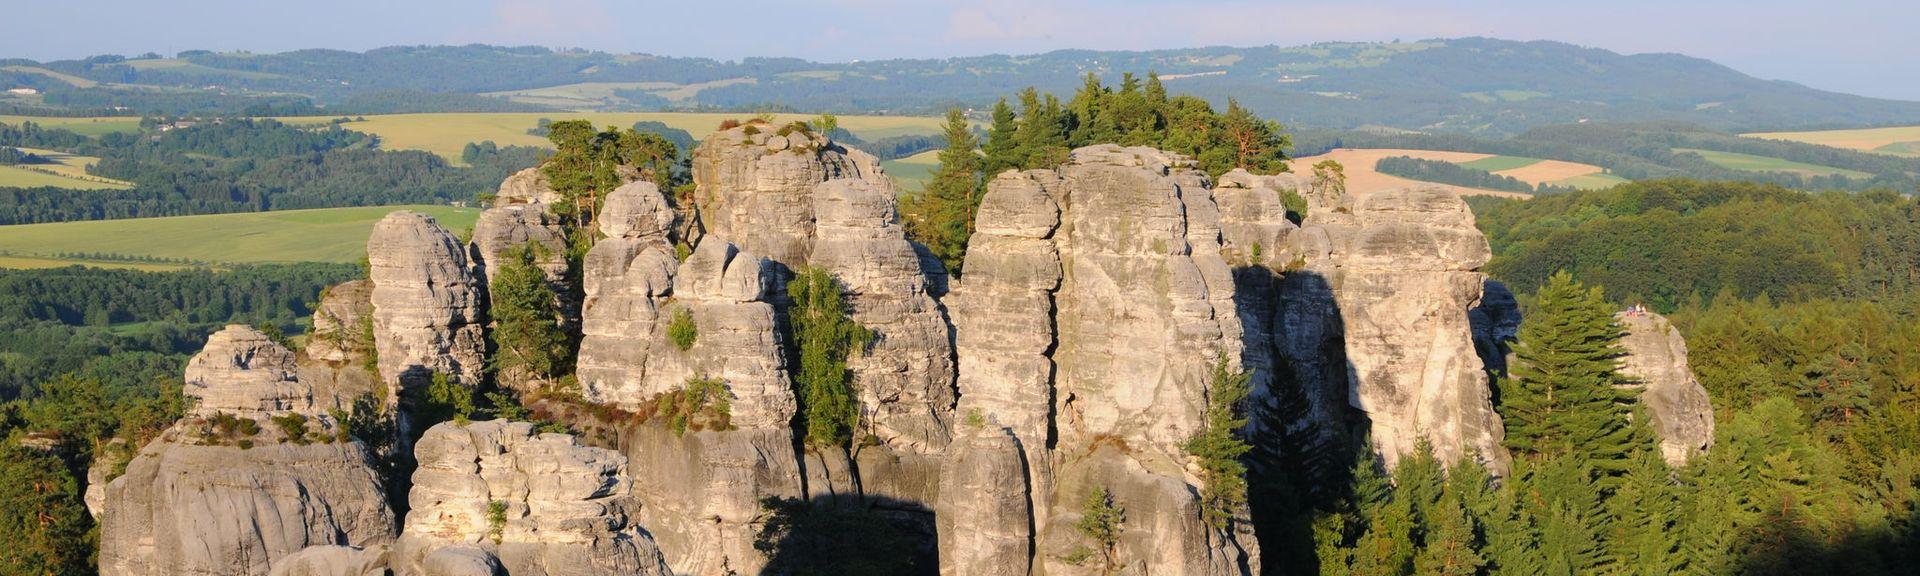 Markvartice, Región de Hradec Králové, CZ